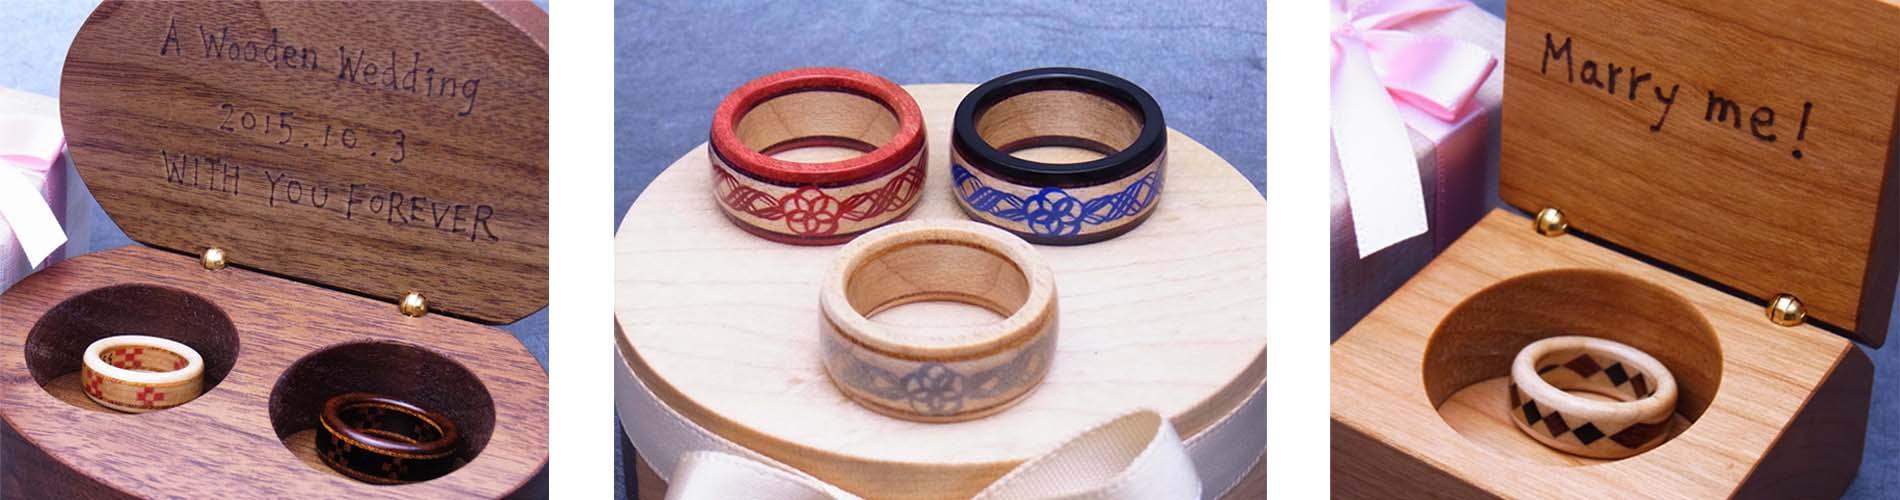 プロポーズなど人生の様々な場面で木の指輪を贈る